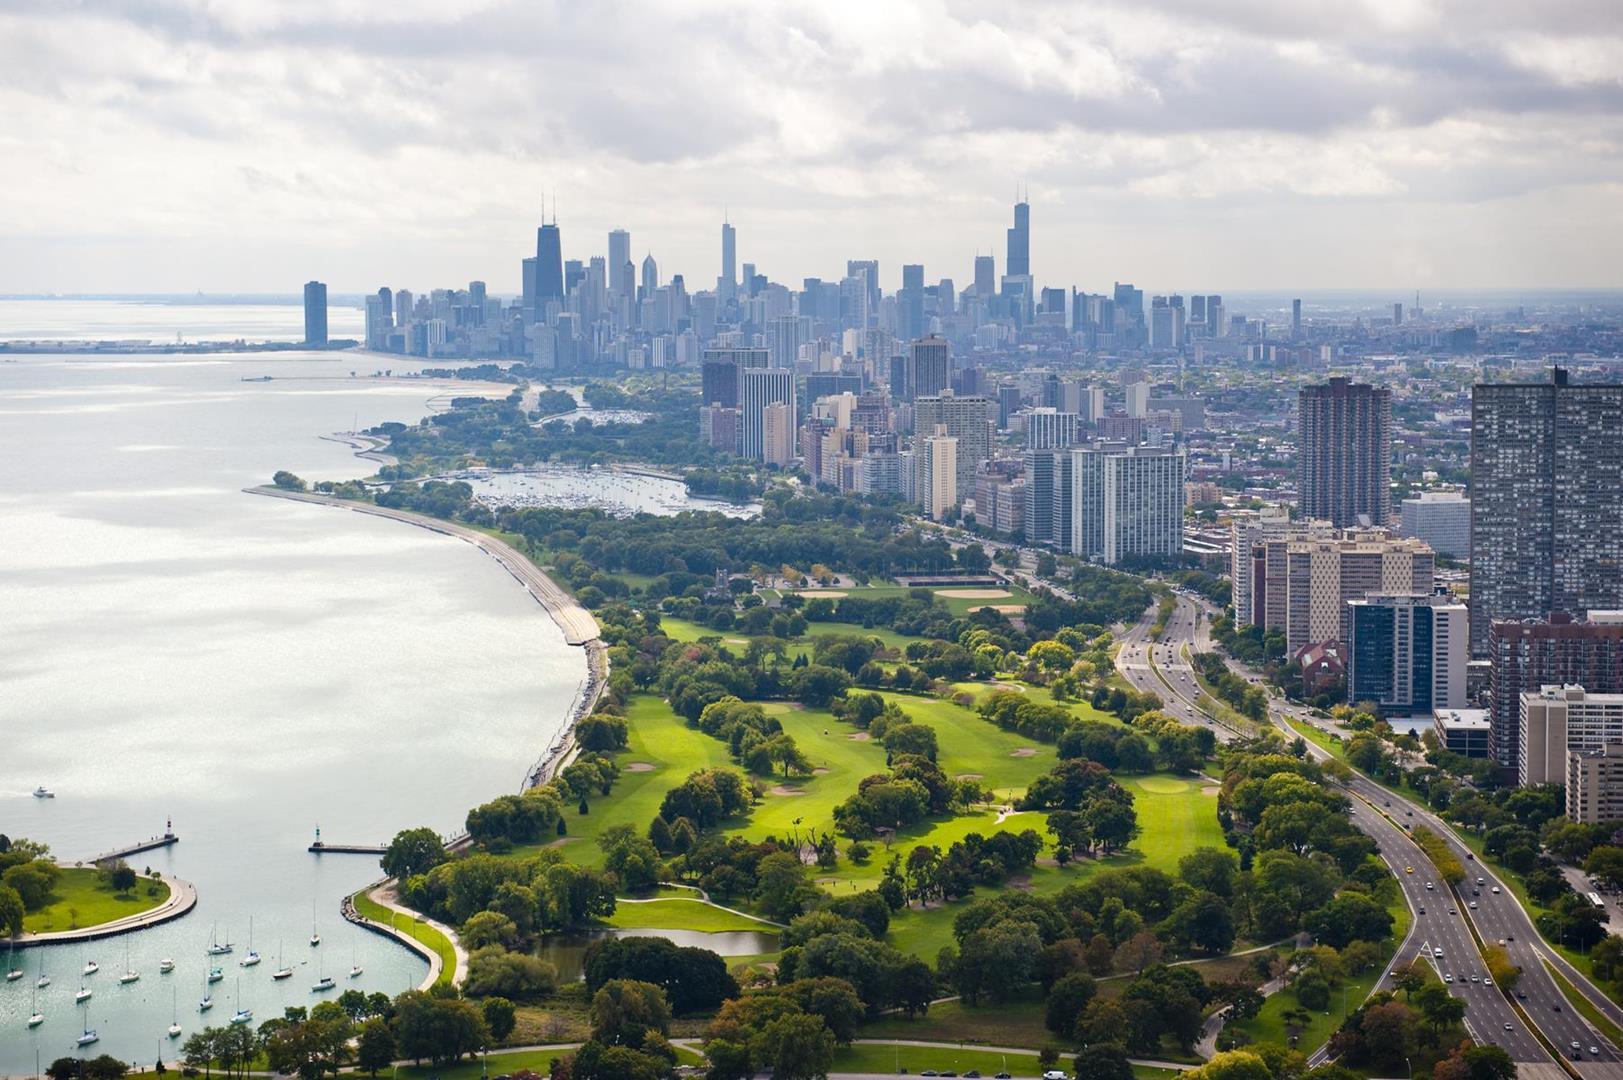 Chicago: A World-Class Sports Destination